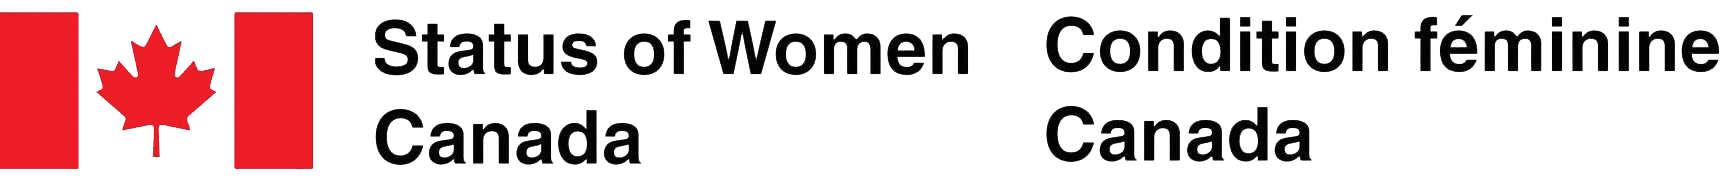 status-of-women_logo